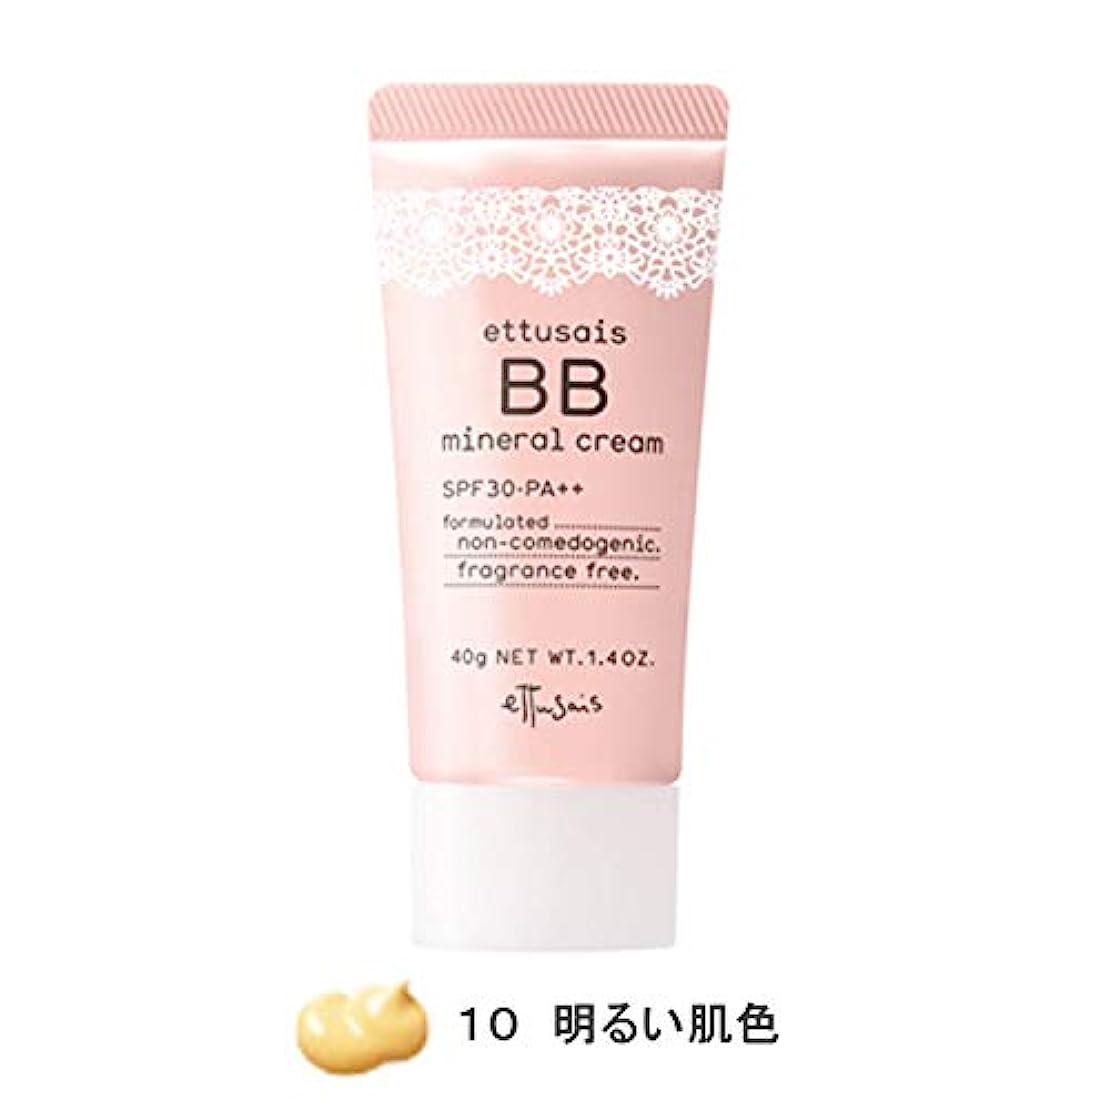 人道的に関して億エテュセ BBミネラルクリーム 10(明るい肌色) SPF30?PA++ 40g